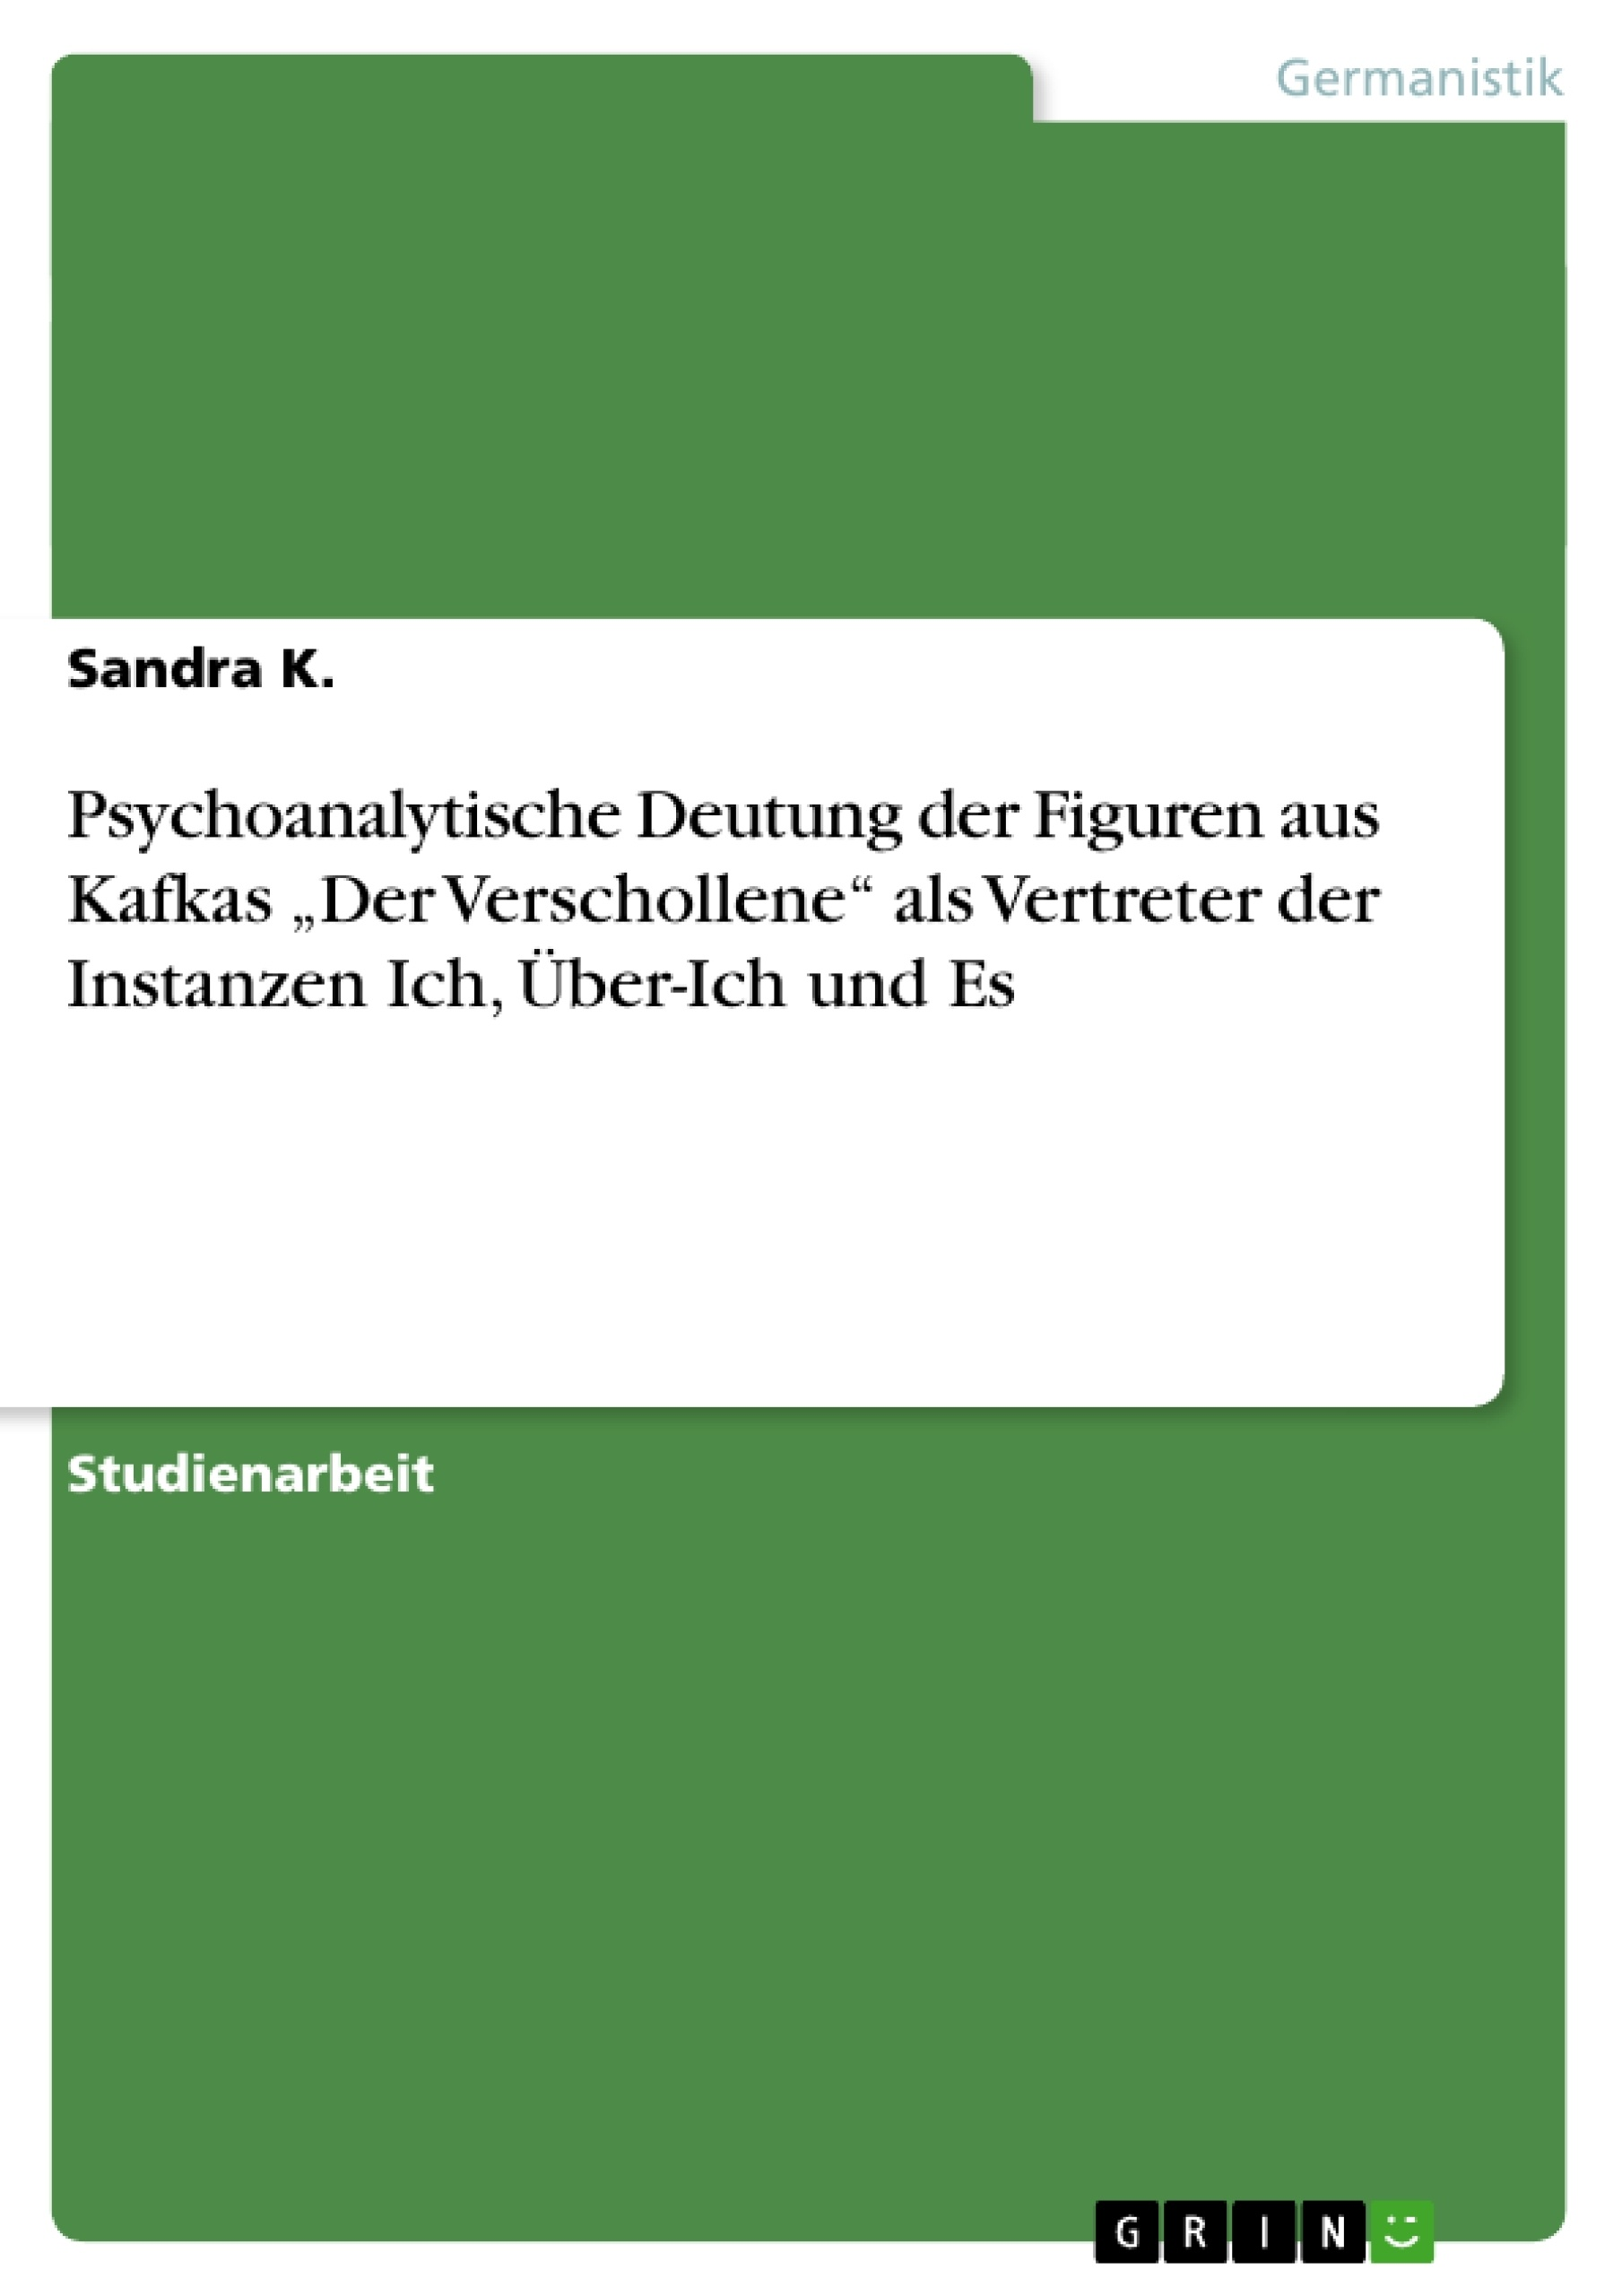 """Titel: Psychoanalytische Deutung der Figuren aus Kafkas """"Der Verschollene"""" als Vertreter der Instanzen Ich, Über-Ich und Es"""